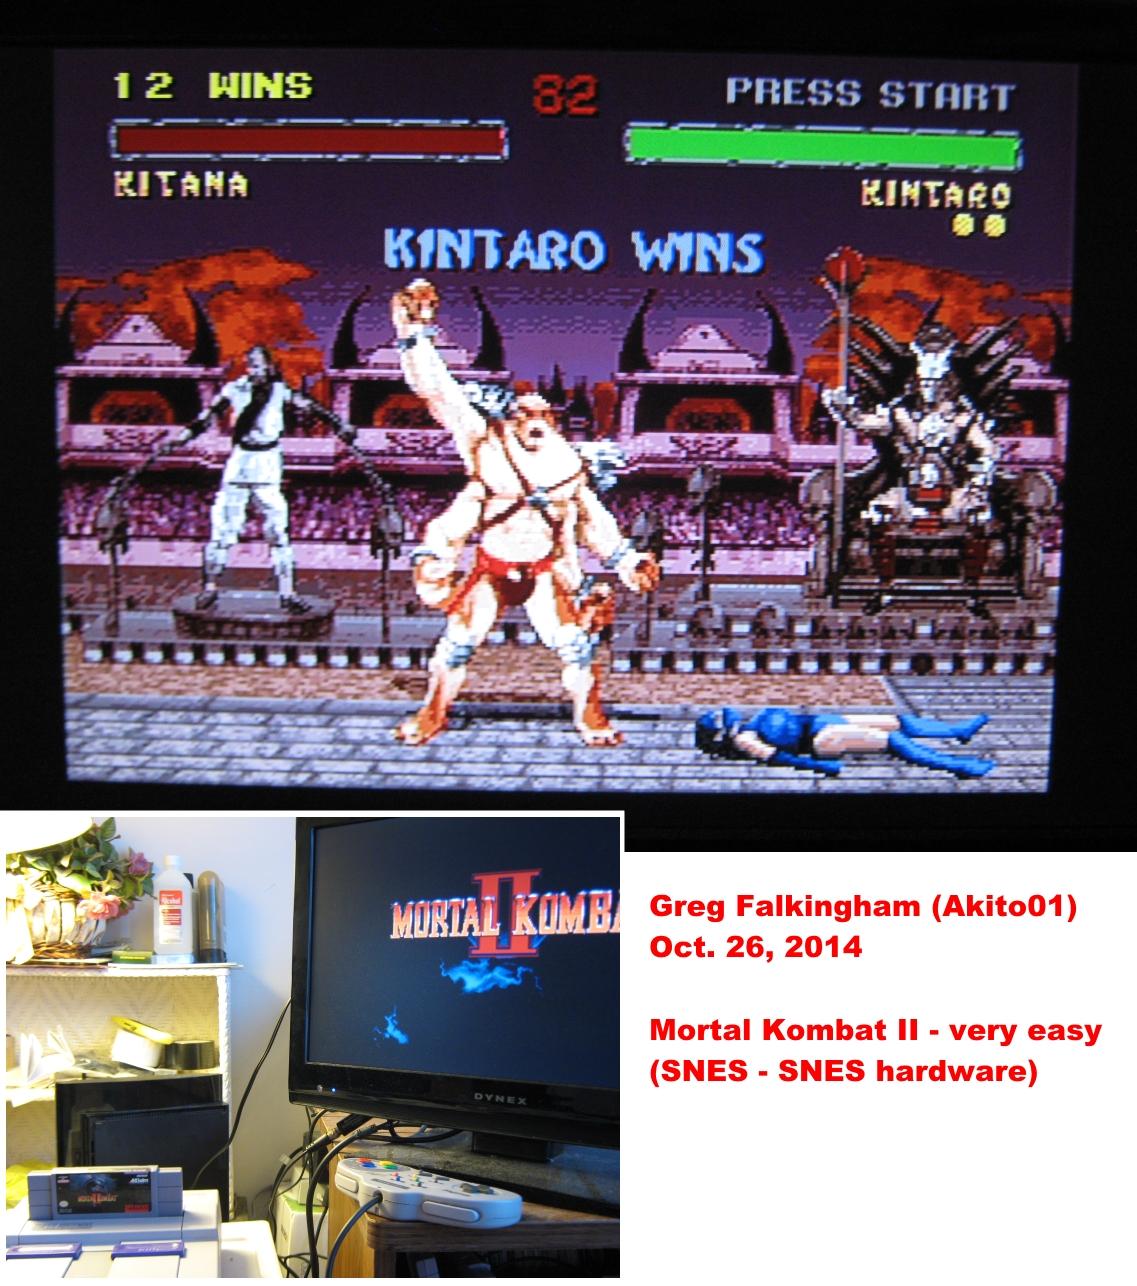 Mortal Kombat II: Very Easy [Win Streak] 12 points